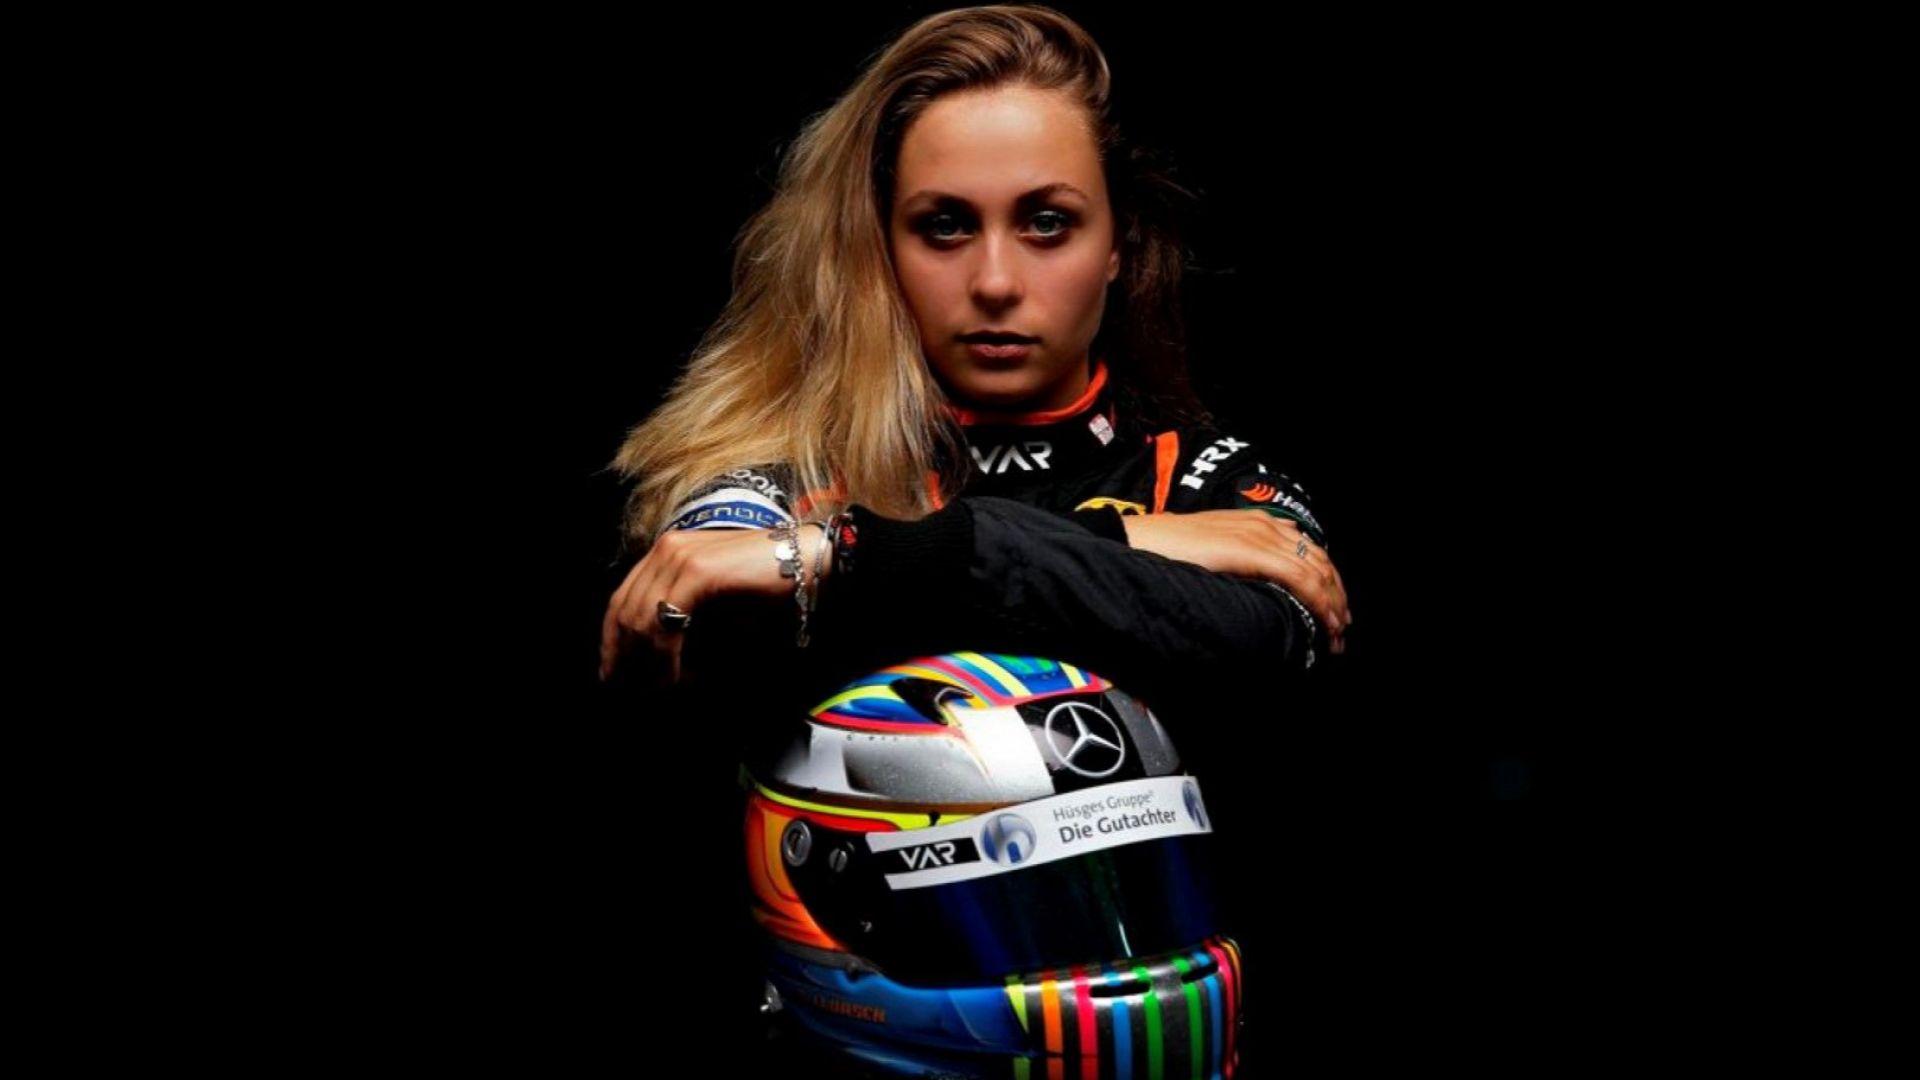 Оперираха 11 часа катастрофиралата тийнейджърка от Формула 3